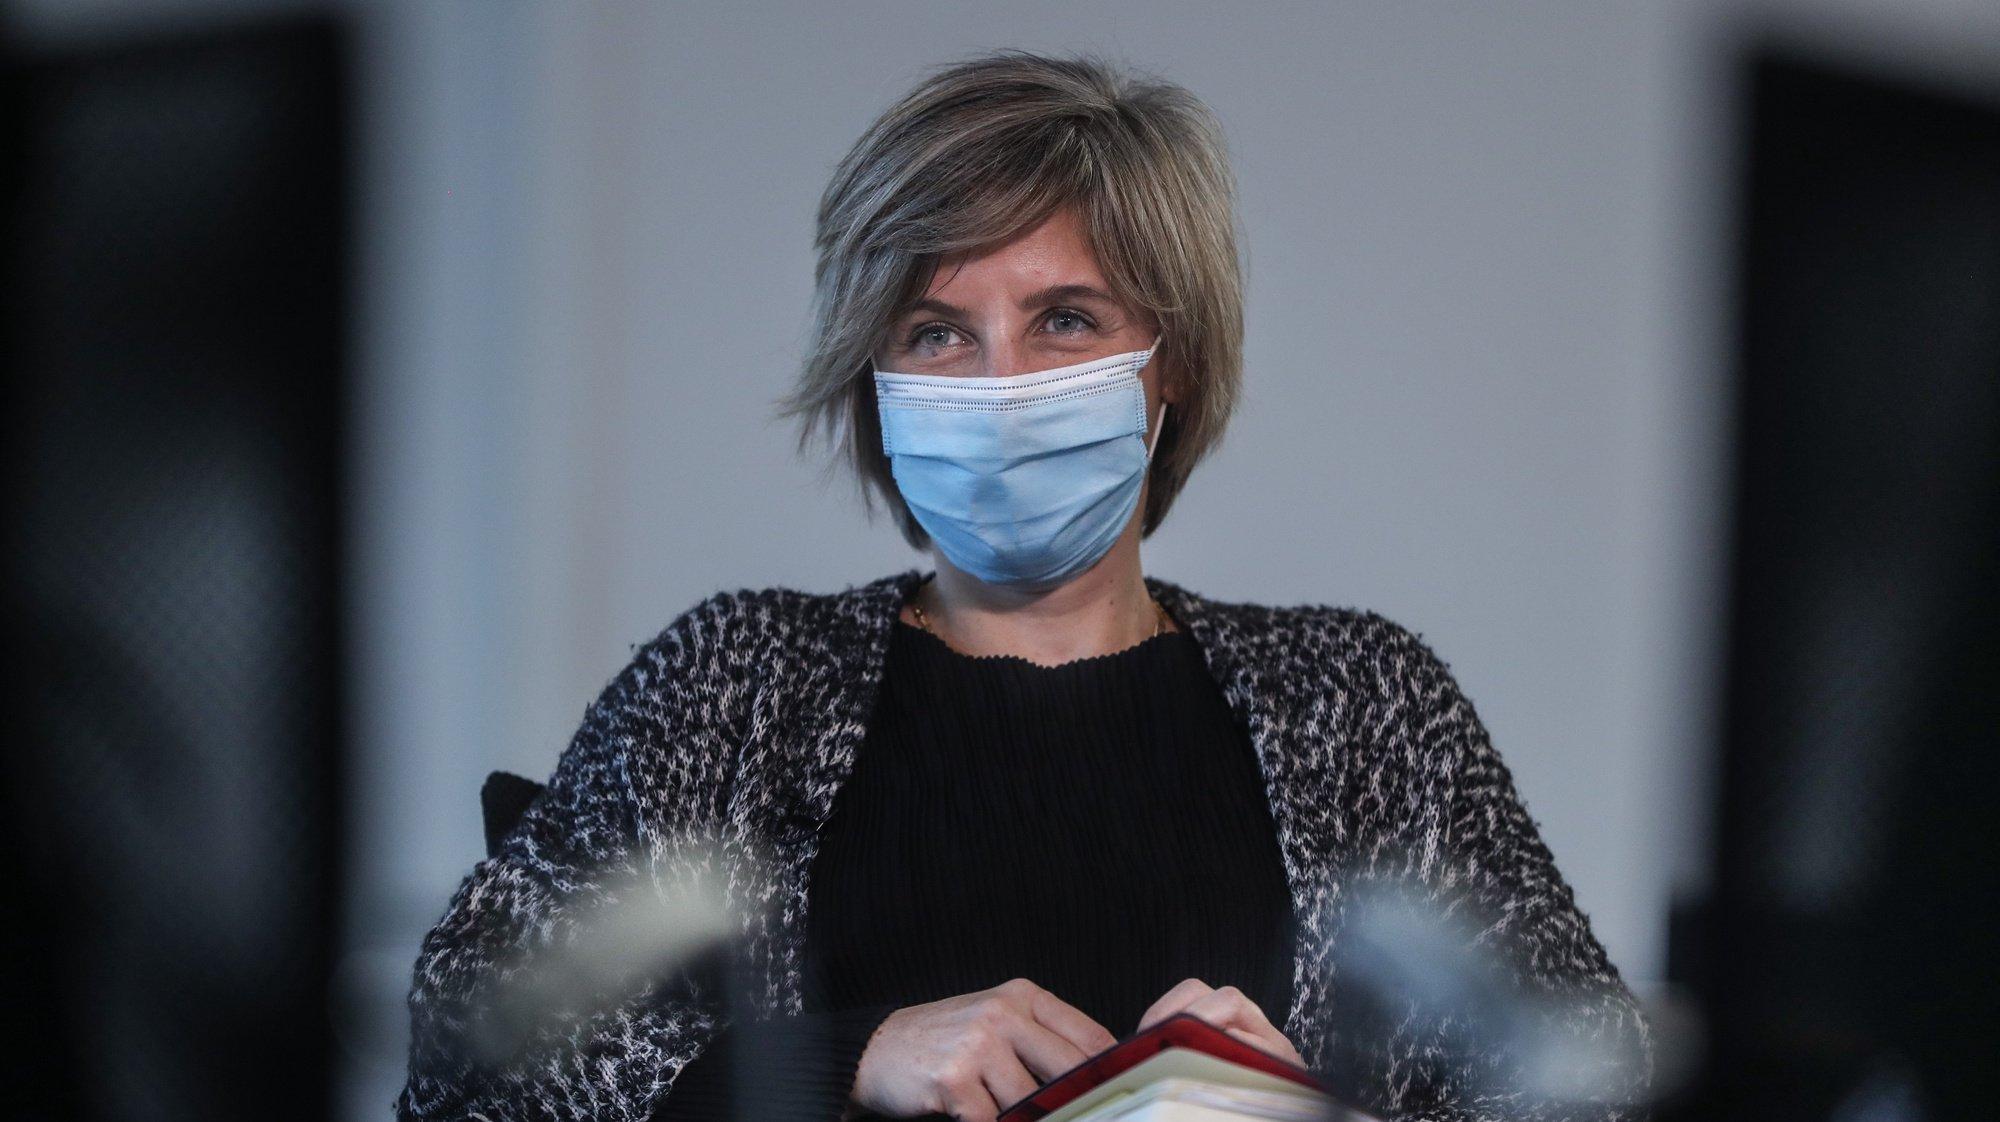 A ministra da Saúde, Marta Temido, durante uma entrevista à Agência Lusa, no Ministério da Saúde, em Lisboa, 26 de fevereiro de 2021. (ACOMPANHA TEXTO DO DIA 1 DE MARÇO DE 2021) MÁRIO CRUZ/LUSA